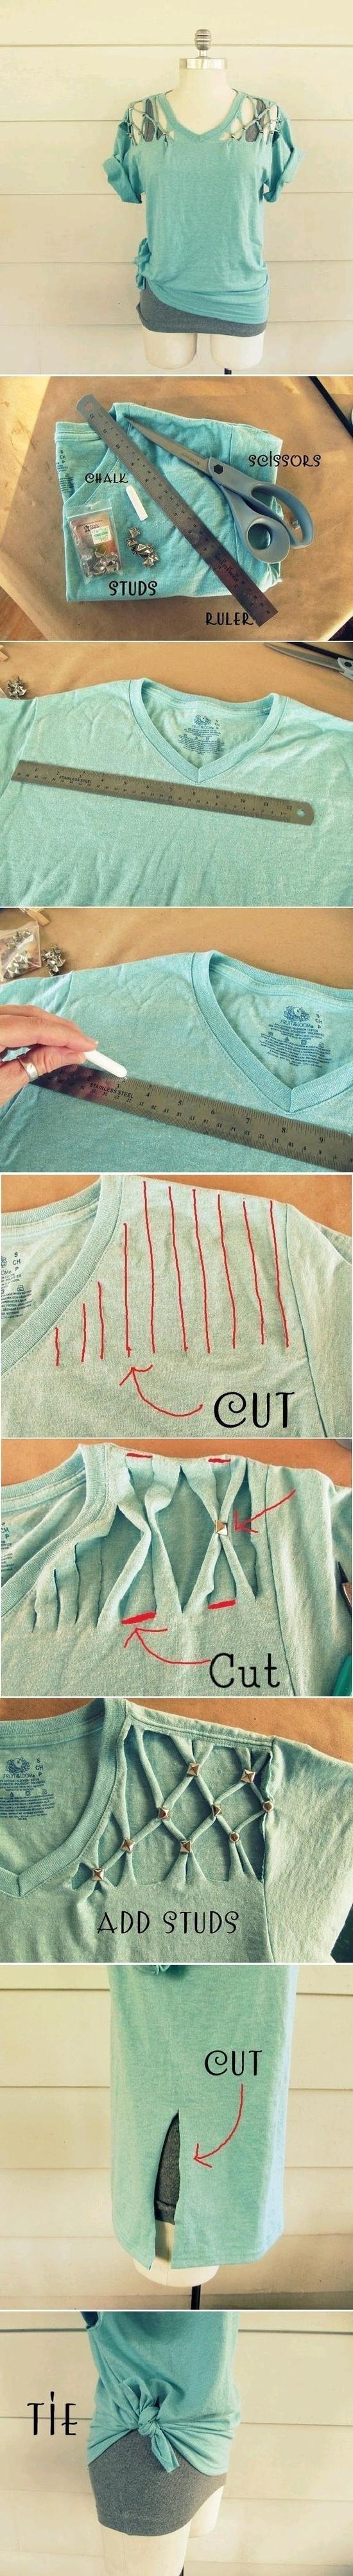 Cute DIY shirt